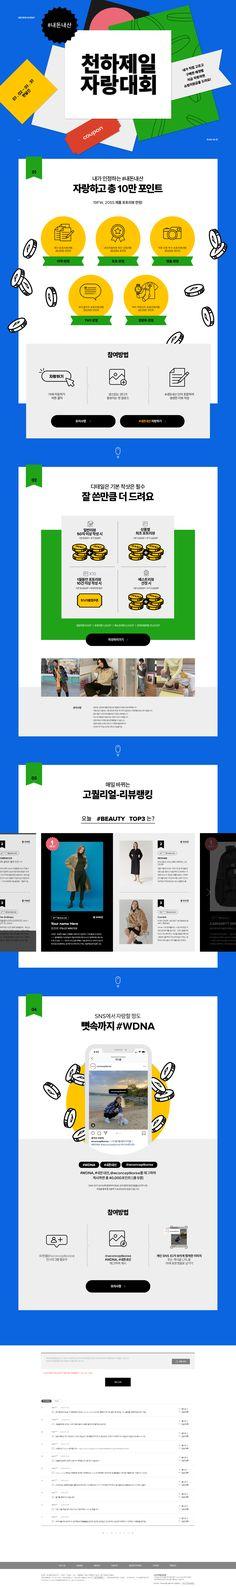 #내돈내산 #천하제일자랑대회 #wconcept Event Landing Page, Event Page, Web Design, Page Design, Layout Template, Templates, Event Banner, Promotional Design, Japanese Graphic Design